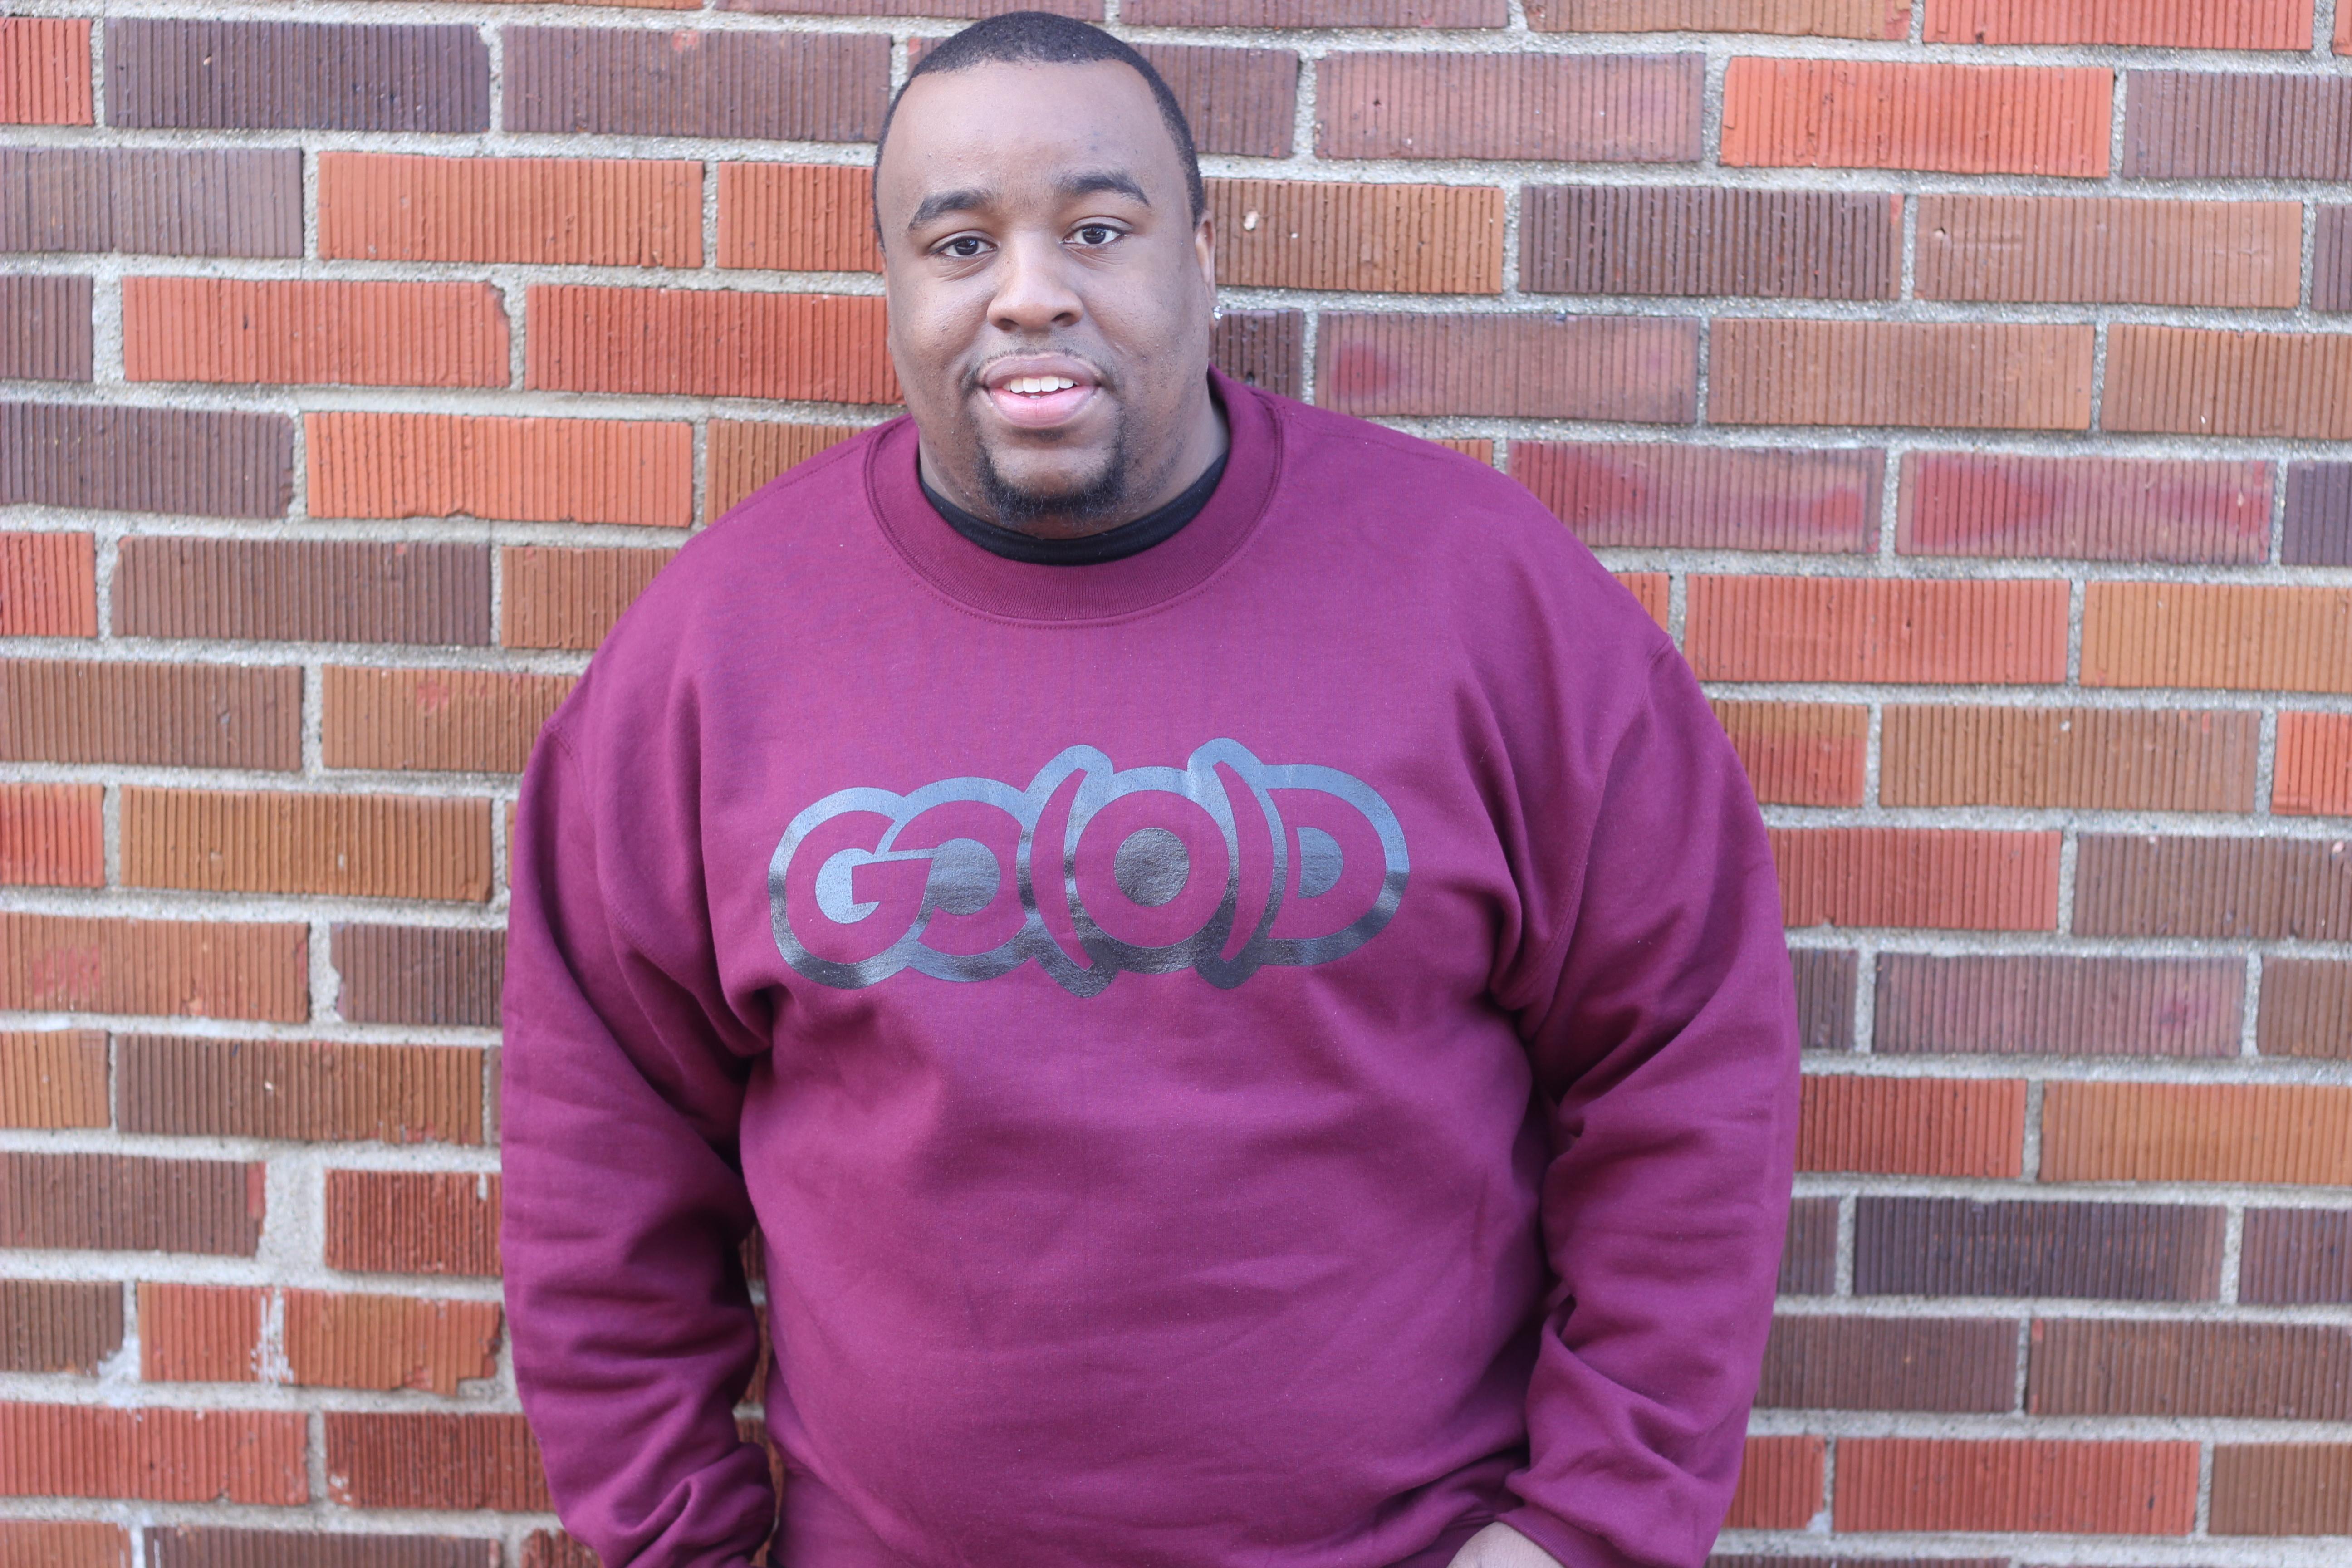 GO(O)D sweatshirt-maroon 00100